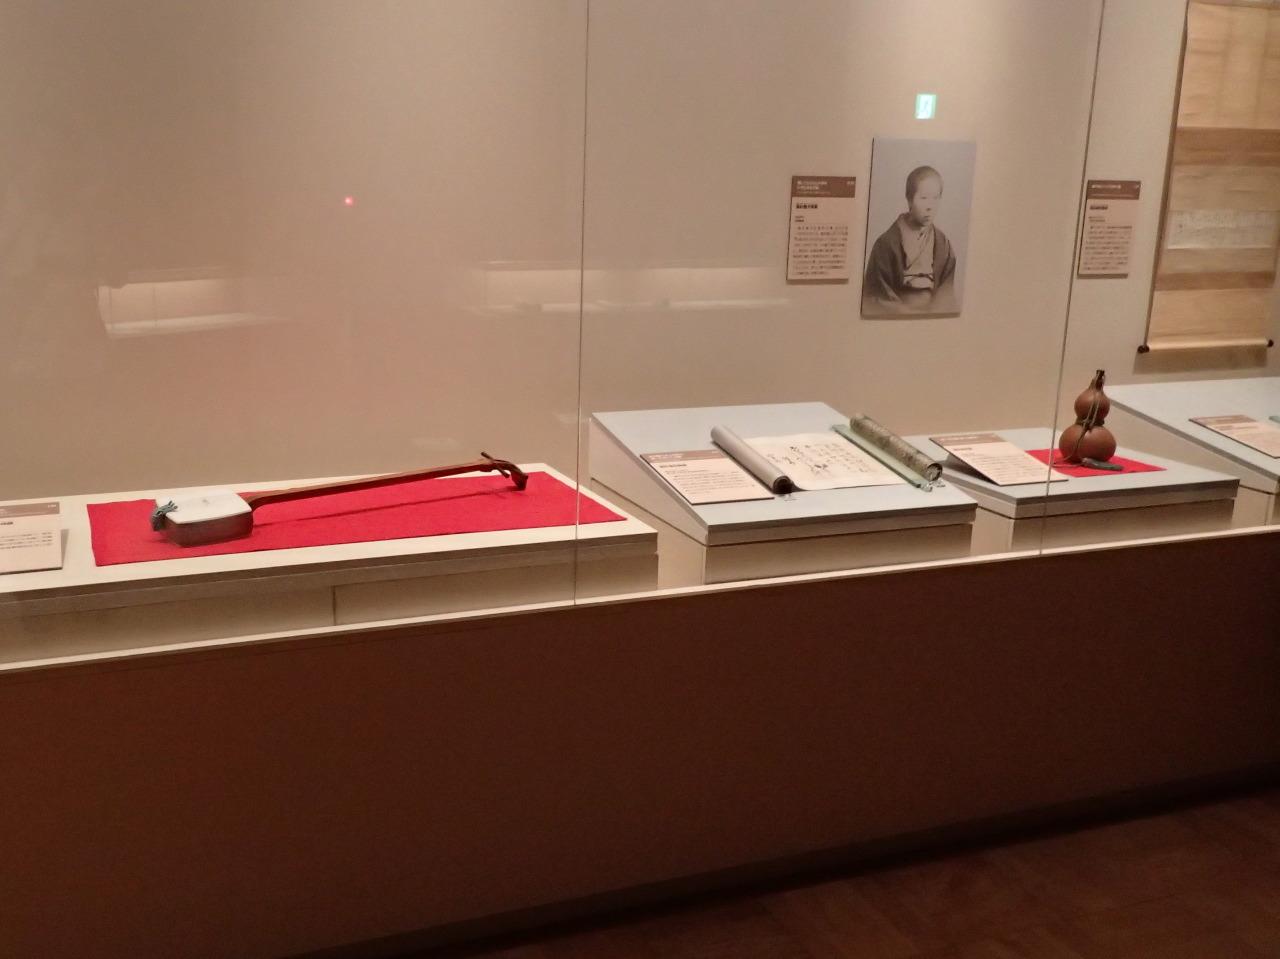 高杉晋作所用と伝えられる道中三味線(ケース左側)は東京会場のみの展示